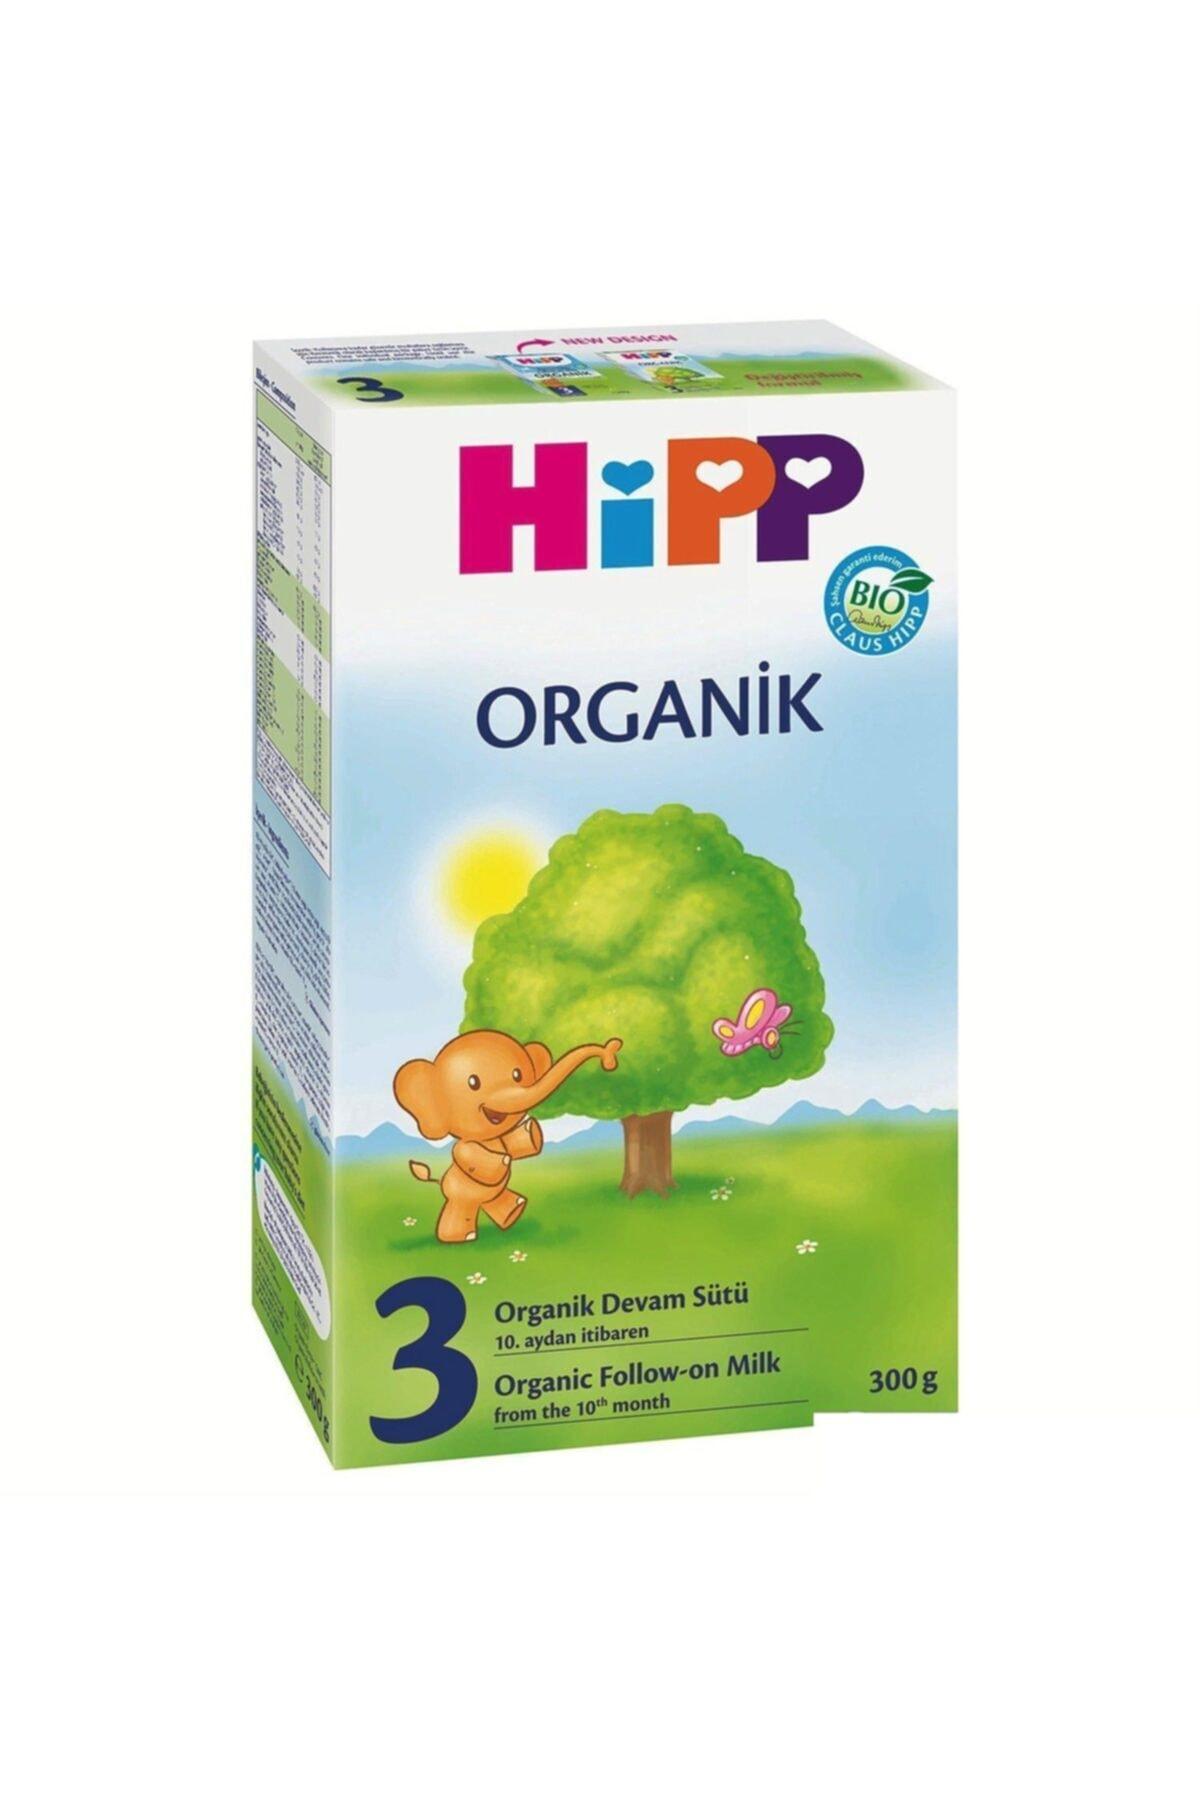 Hipp 3 Organik Devam Sütü 300 gr 1